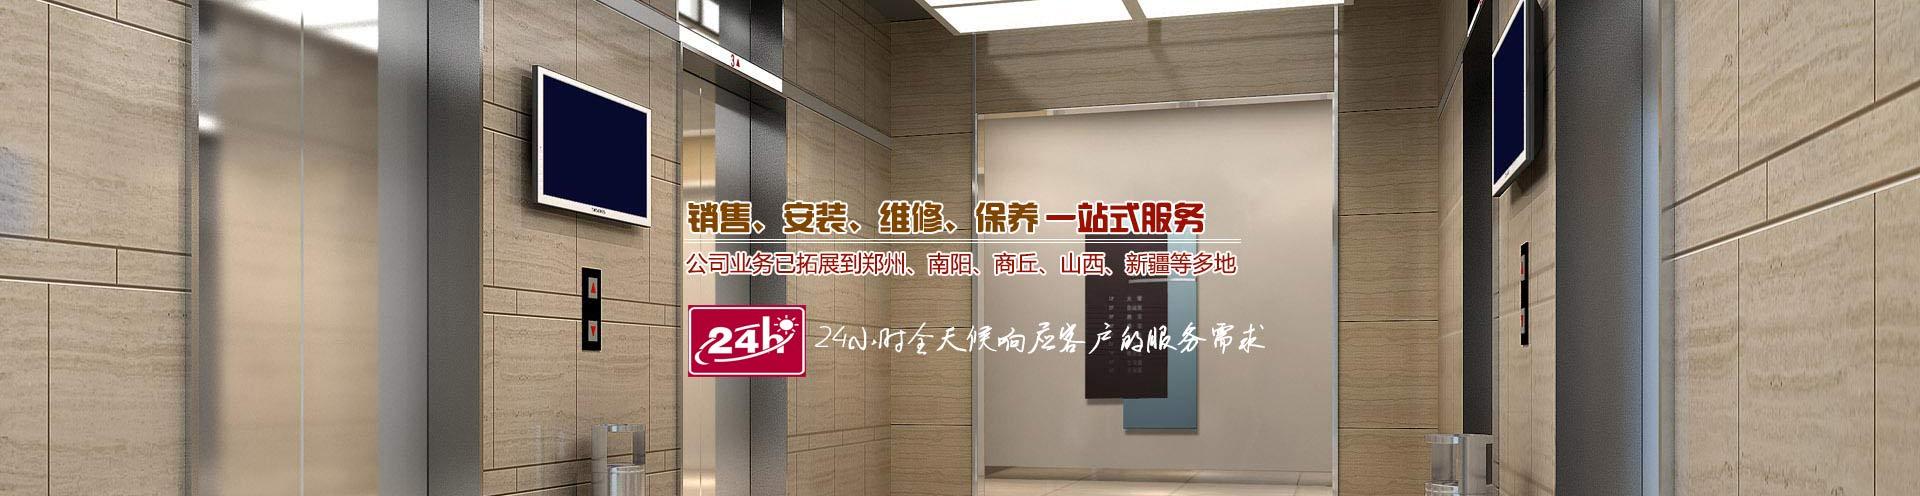 url(http://www.hnsxjdt.com/template/Images/banner1.jpg)